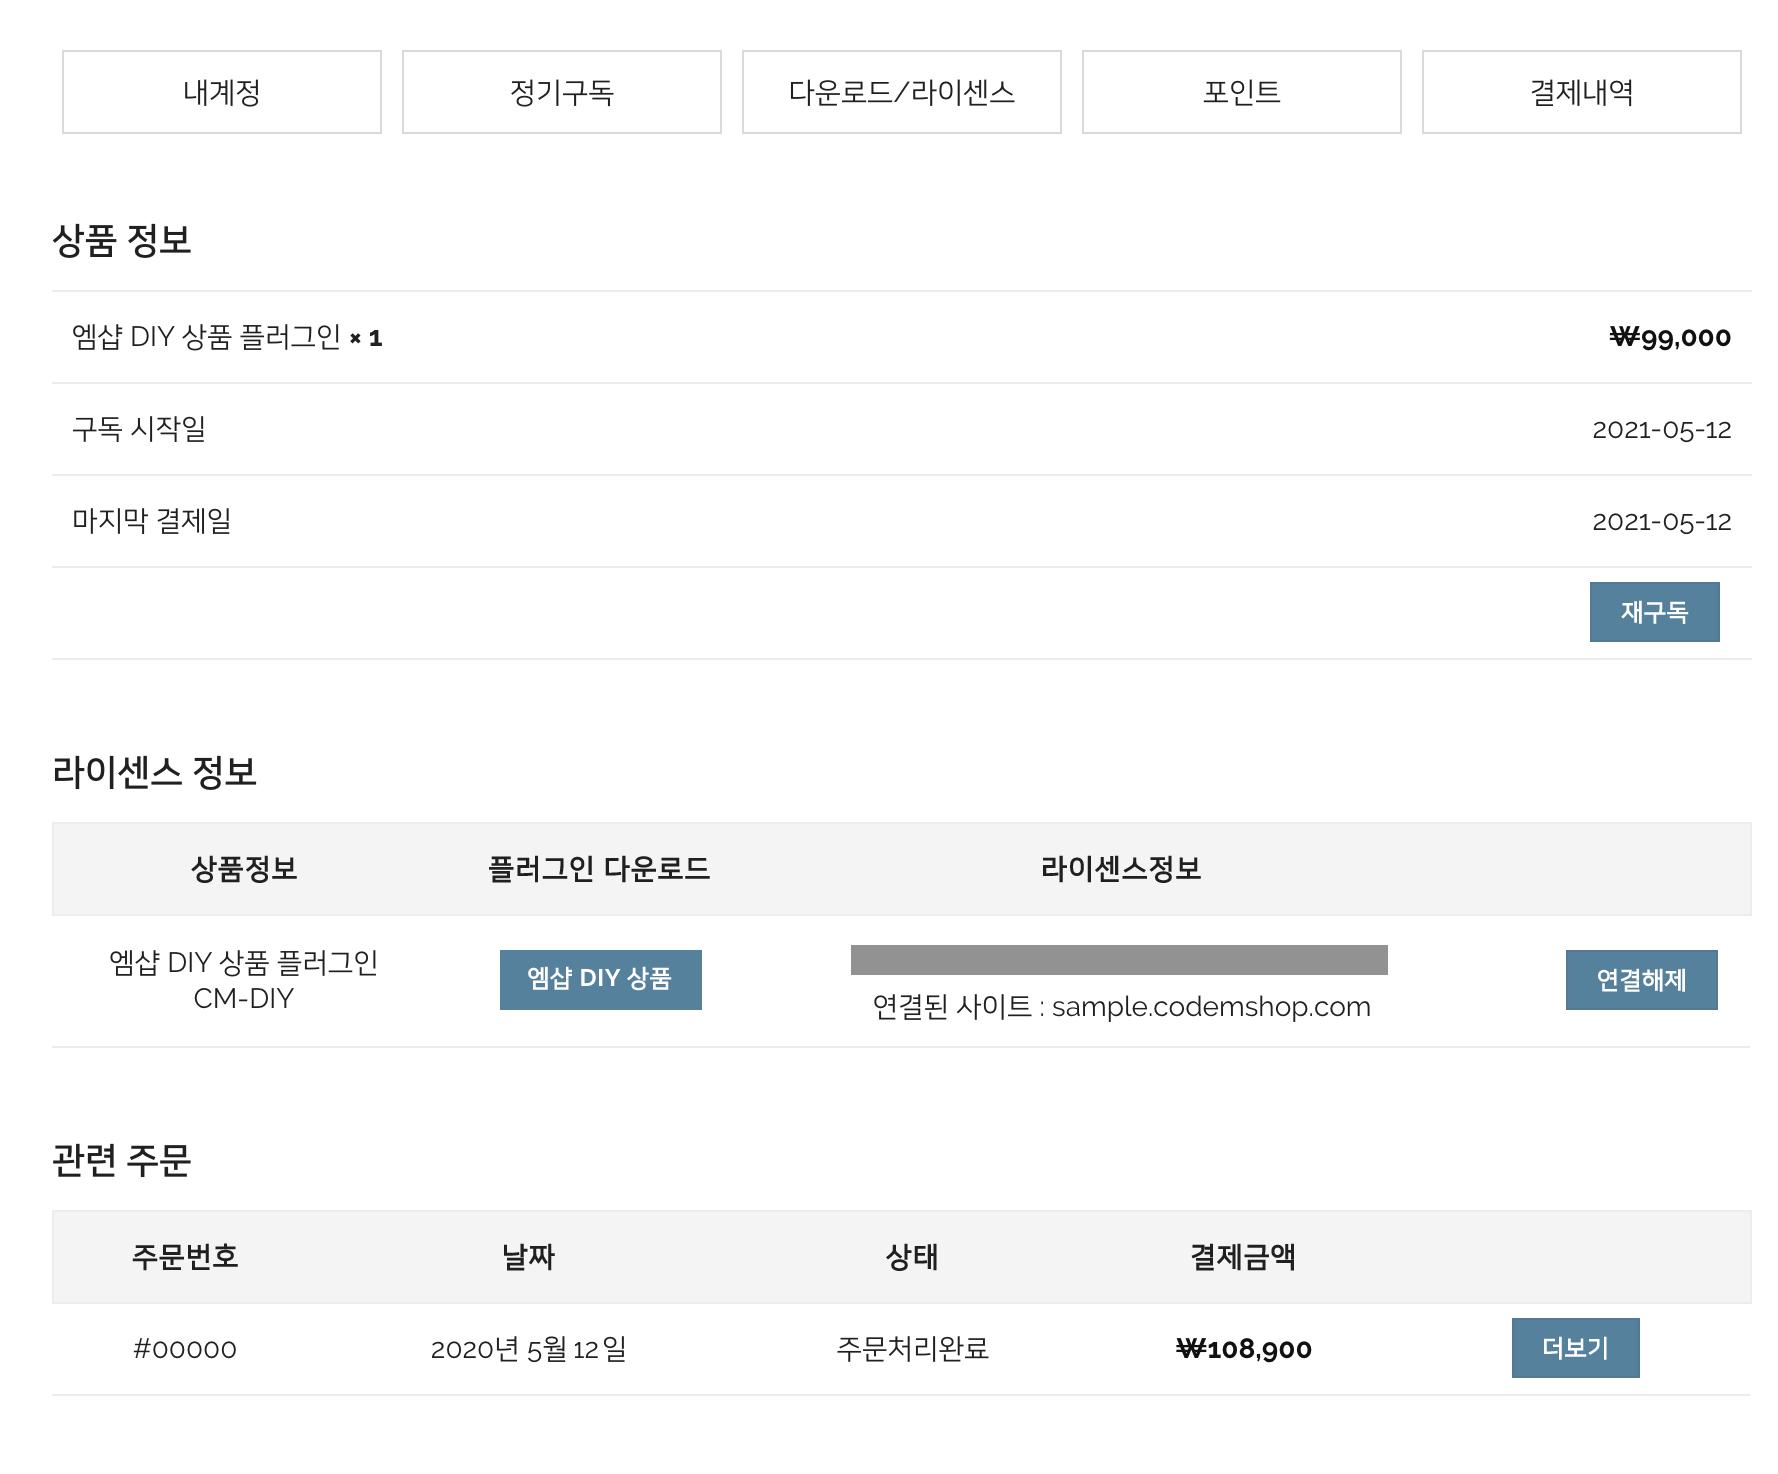 코드엠샵 라이센스 확인 안내 - 정기구독